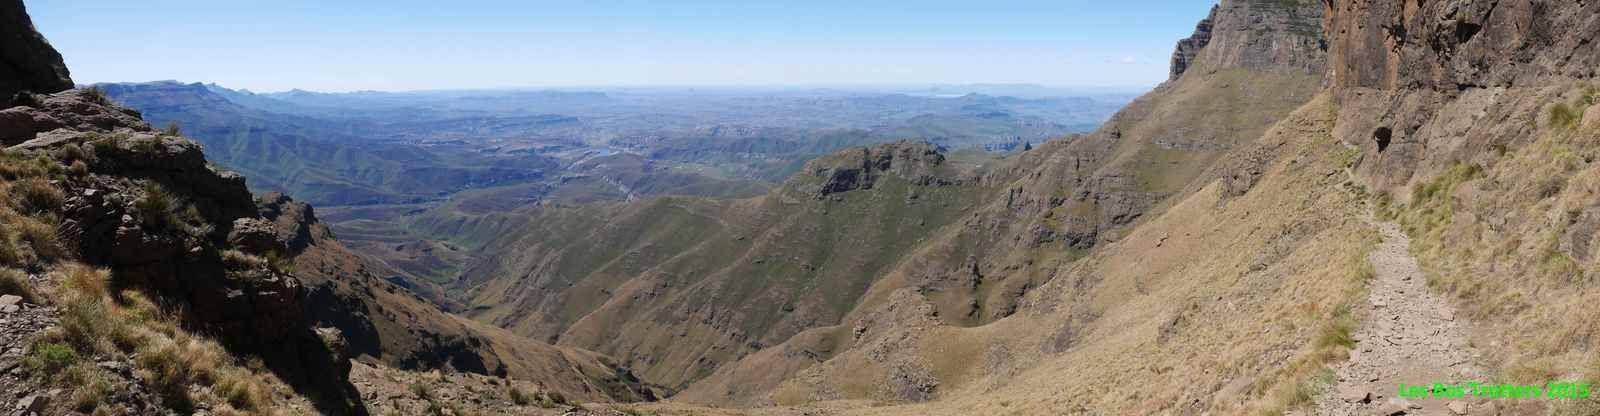 Afrique du Sud - 5 - Les Midlands et le Drakensberg